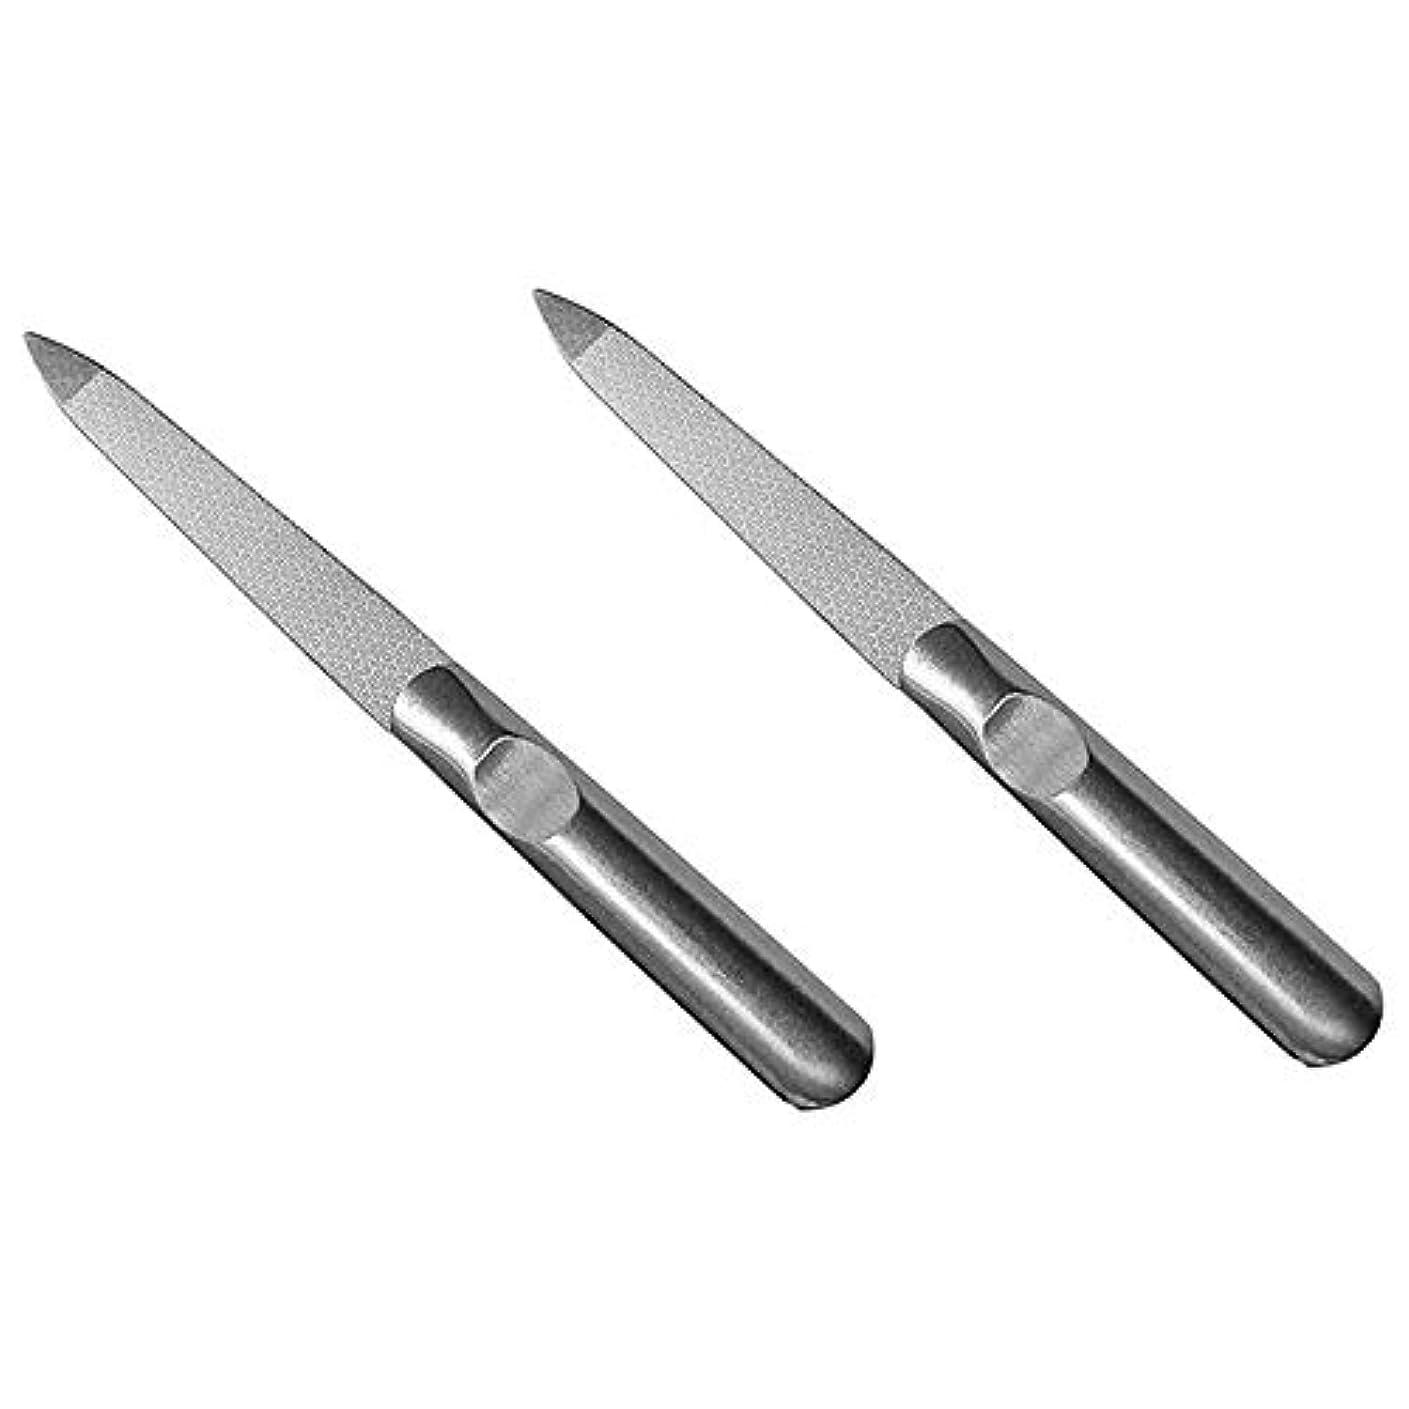 影響力のあるスペイン小石Semoic 2個 ステンレススチール ネイルファイル 両面マット アーマー美容ツール Yangjiang爪 腐食の防止鎧